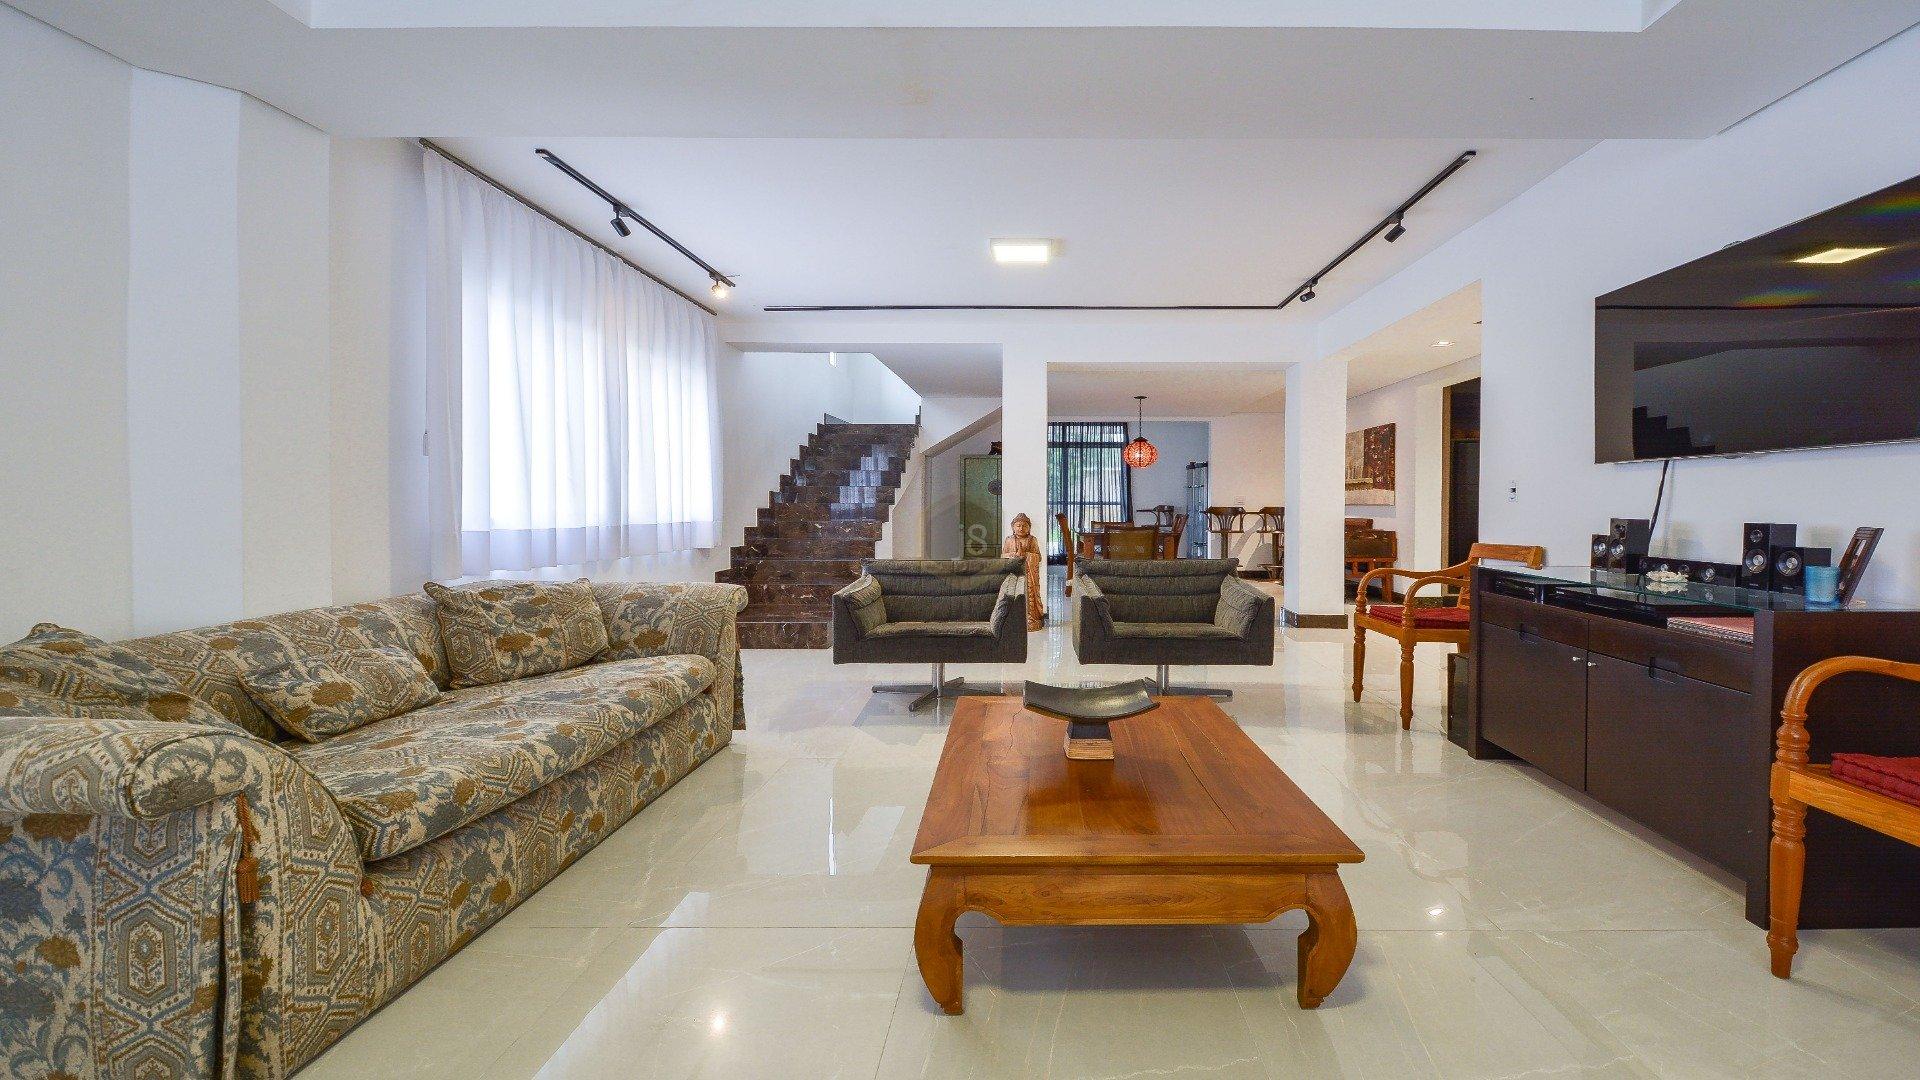 Foto de destaque Casa espaçosa em condomínio com ambientes integrados